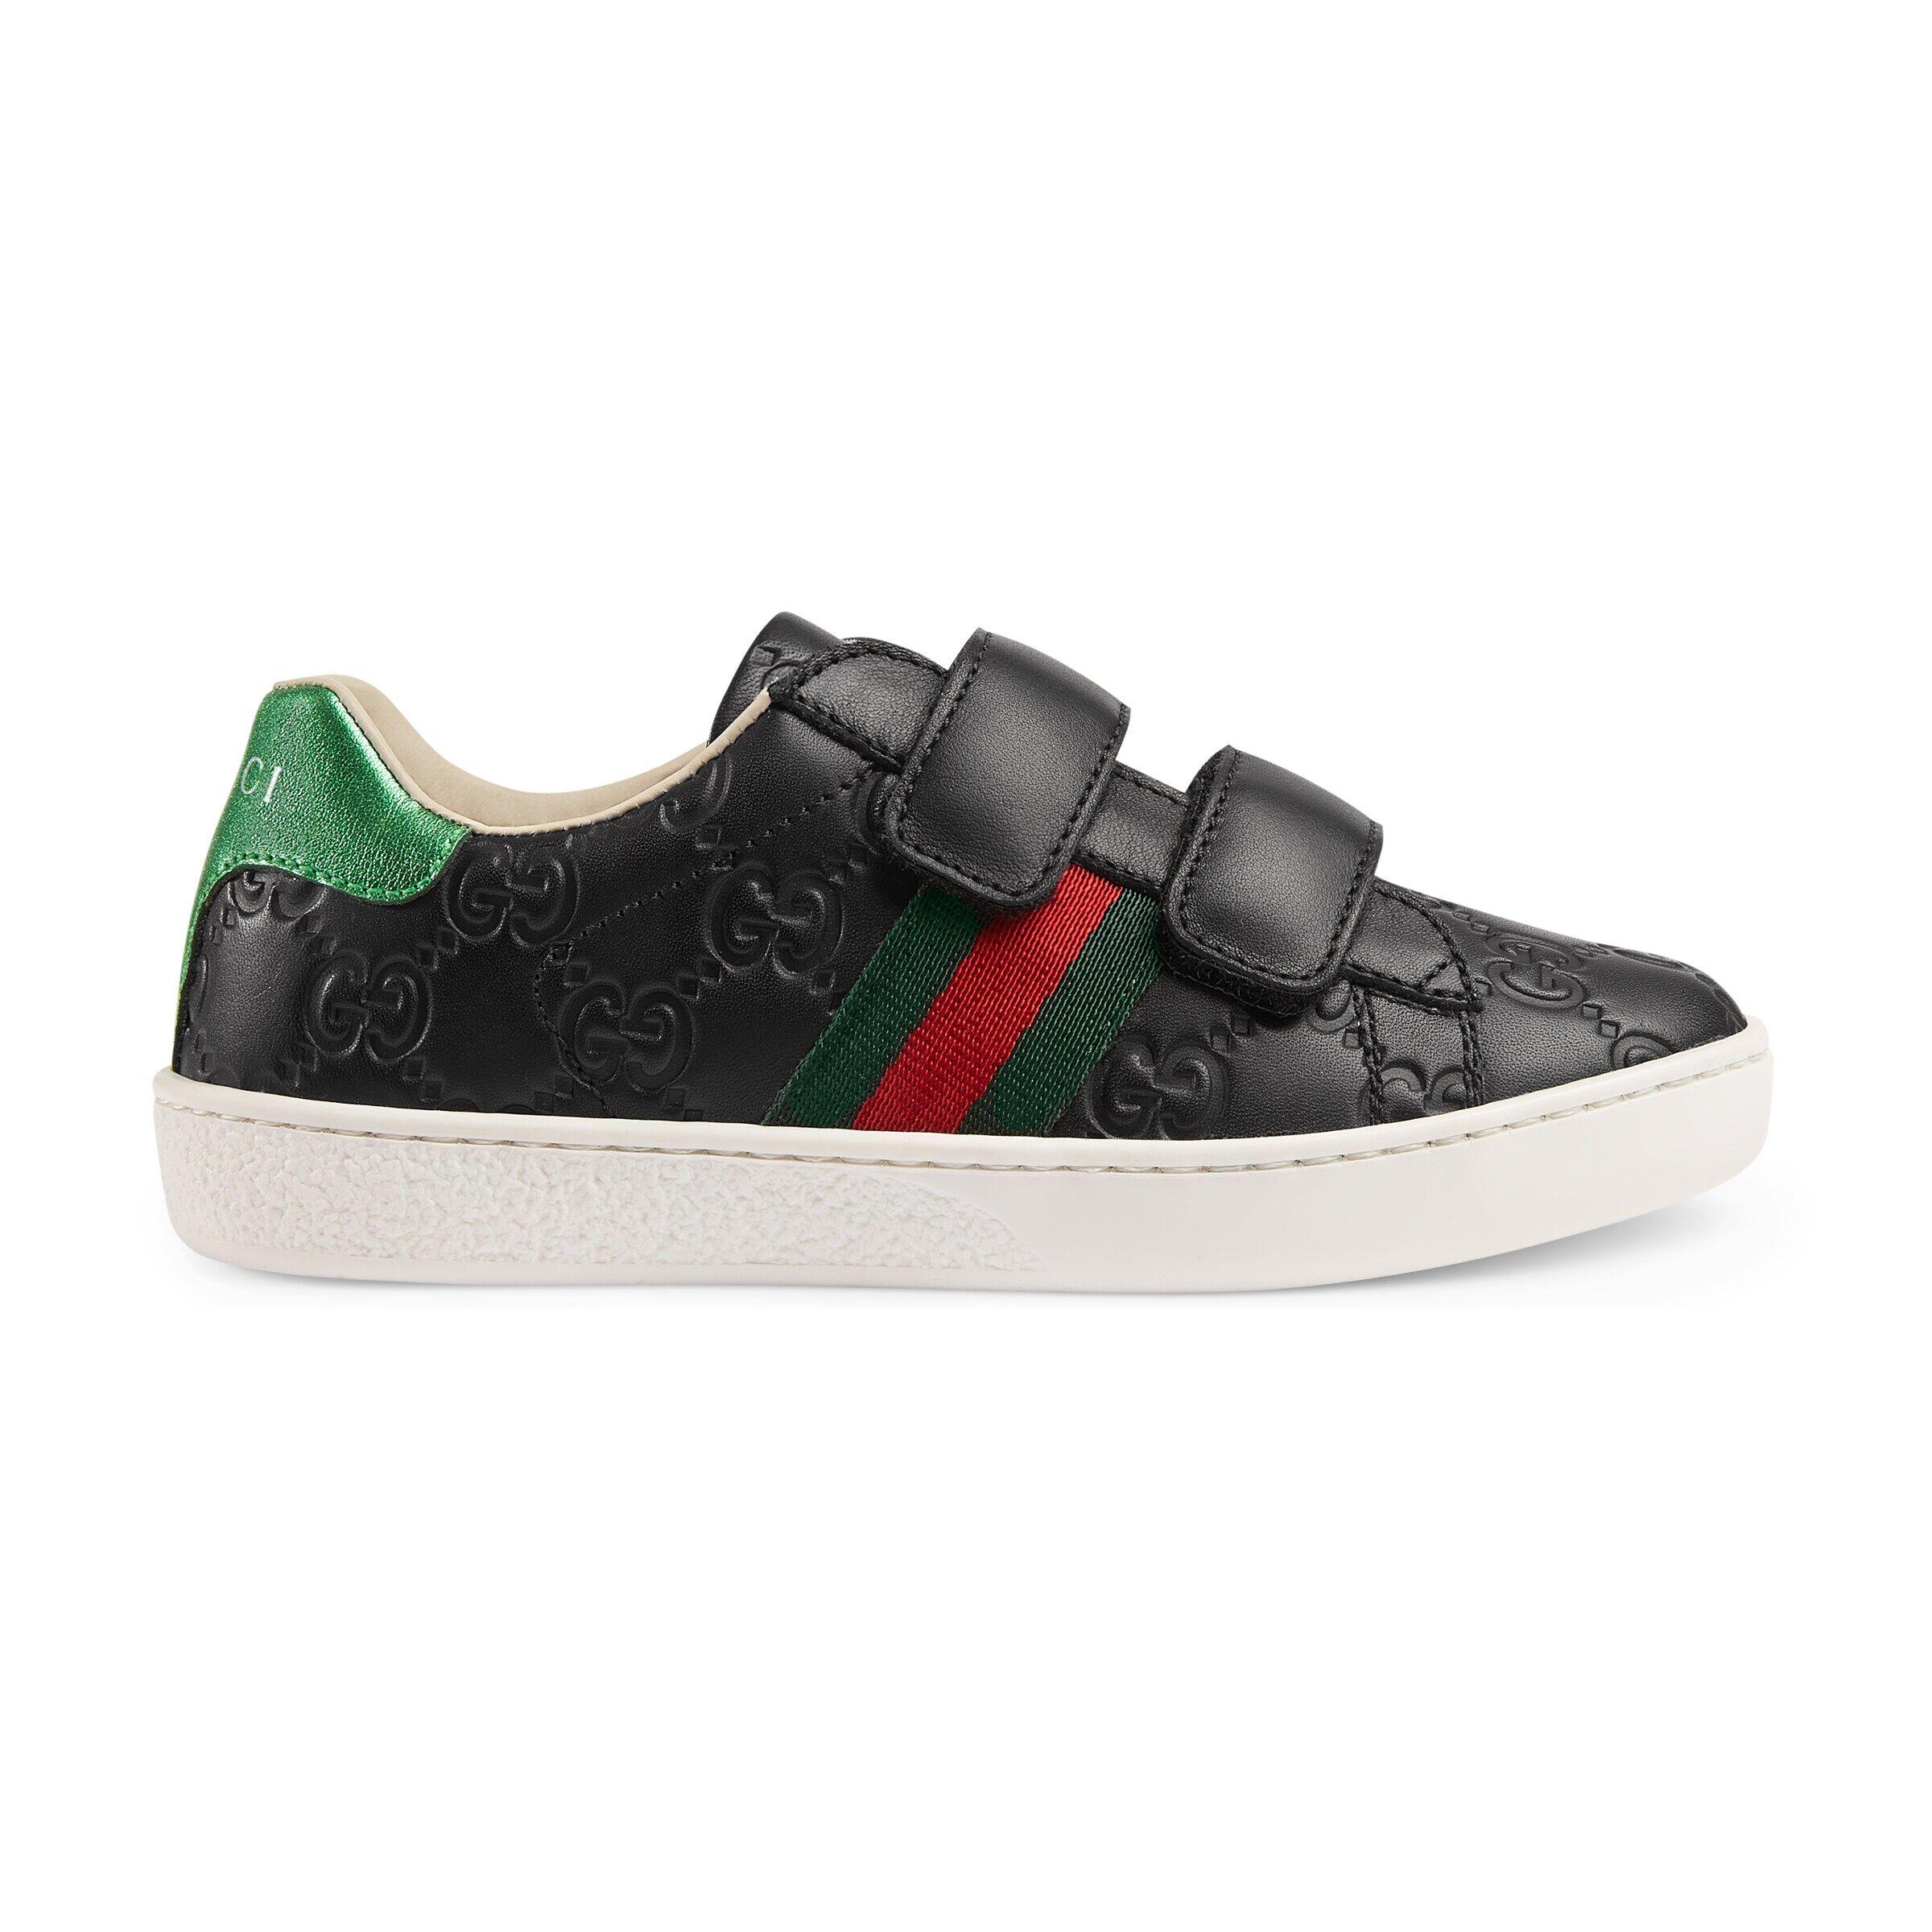 Gucci Children's Ace Gucci Signature sneaker  - Black